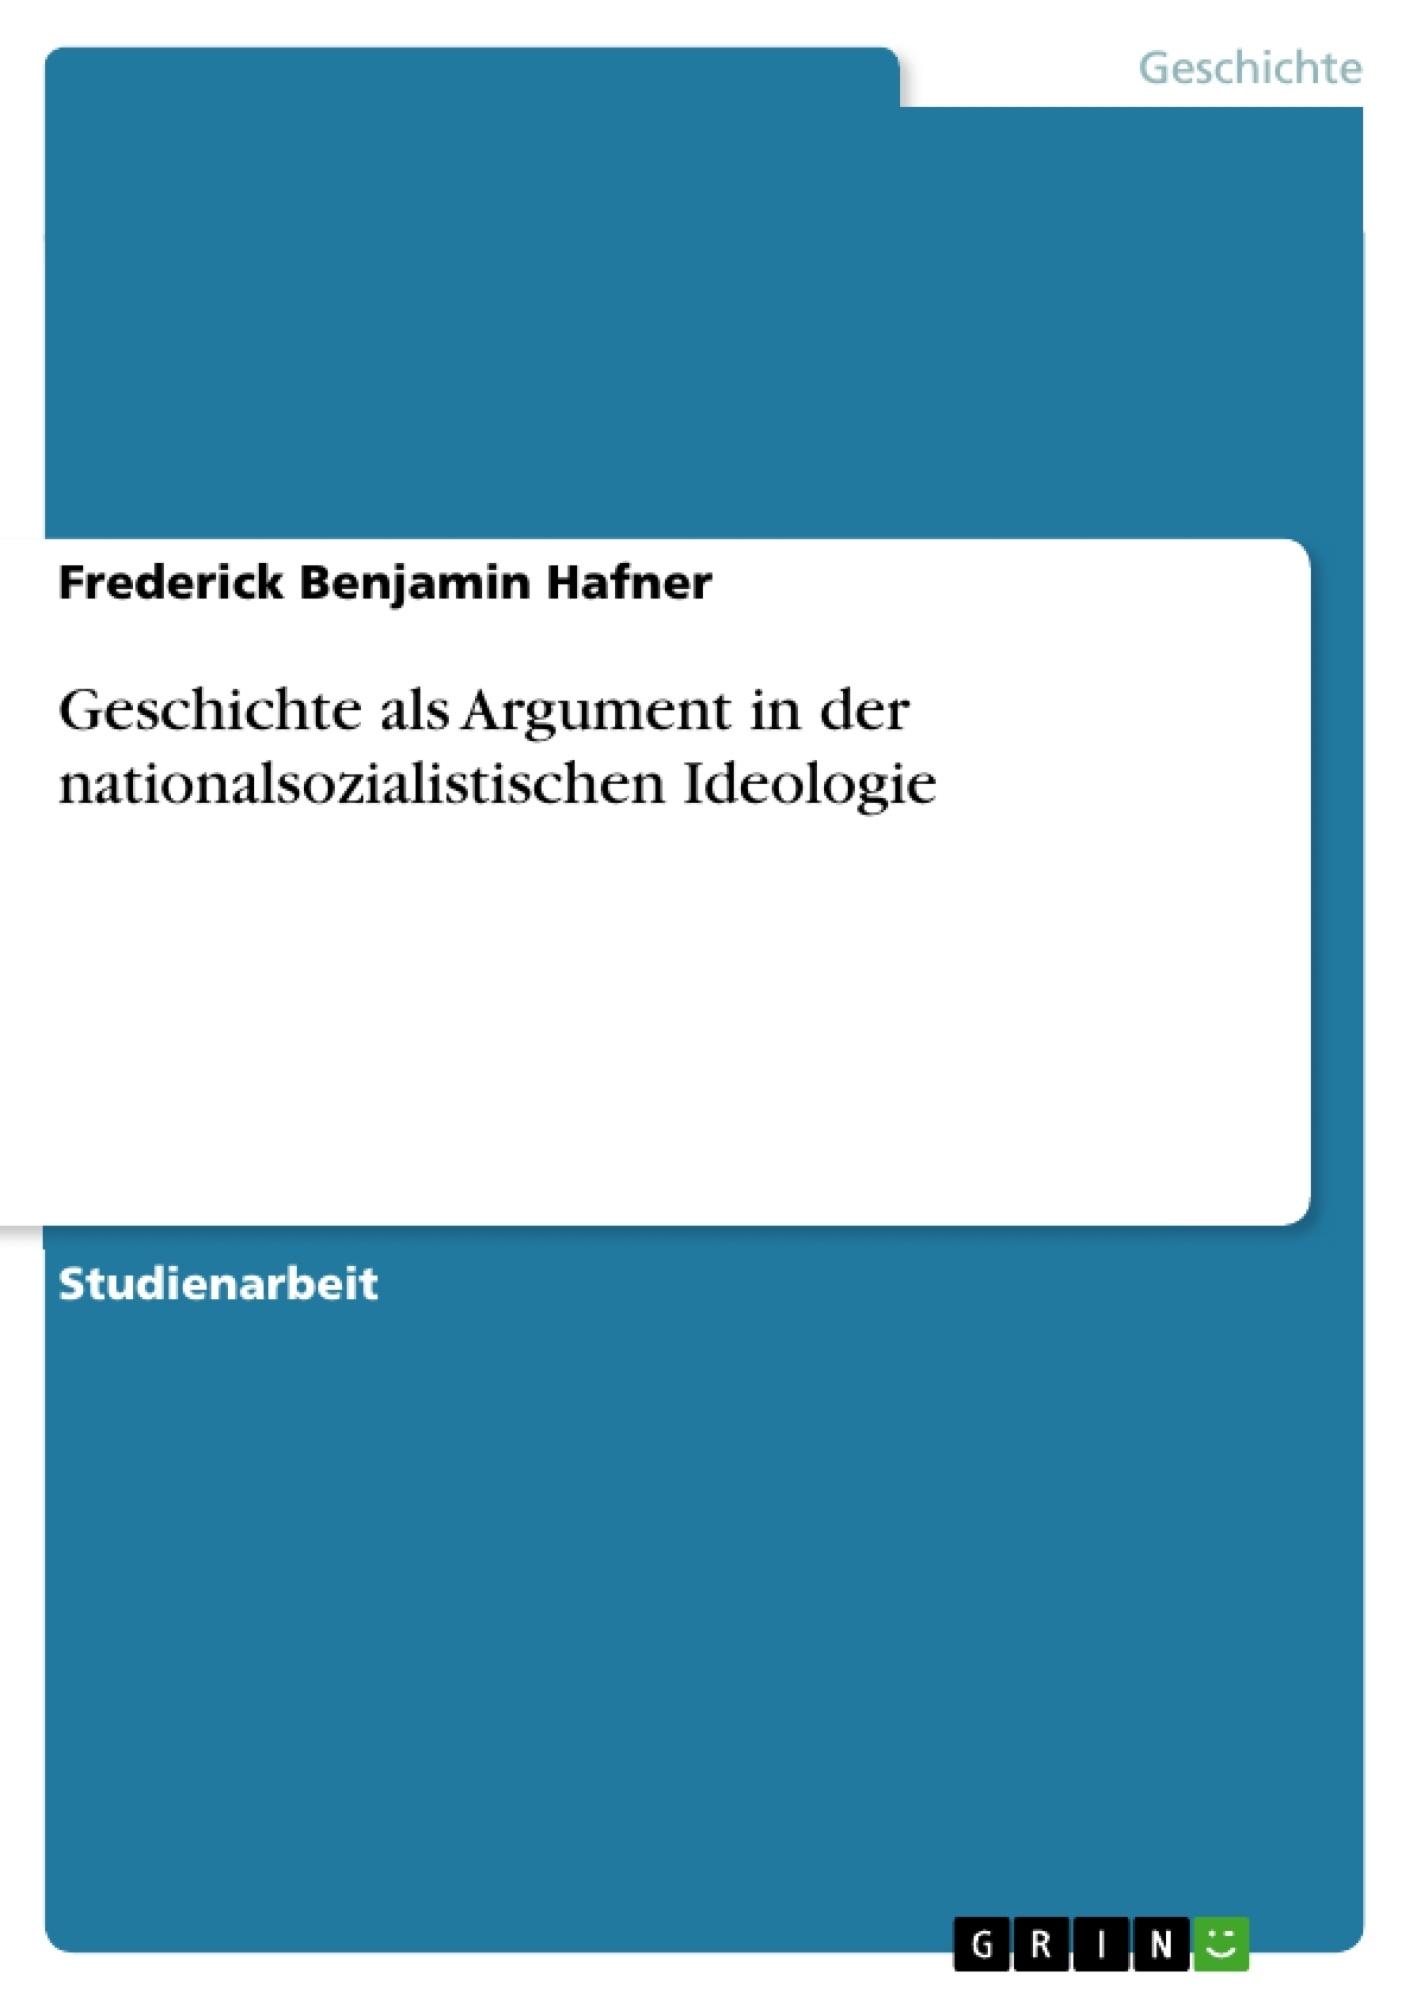 Titel: Geschichte als Argument in der nationalsozialistischen Ideologie